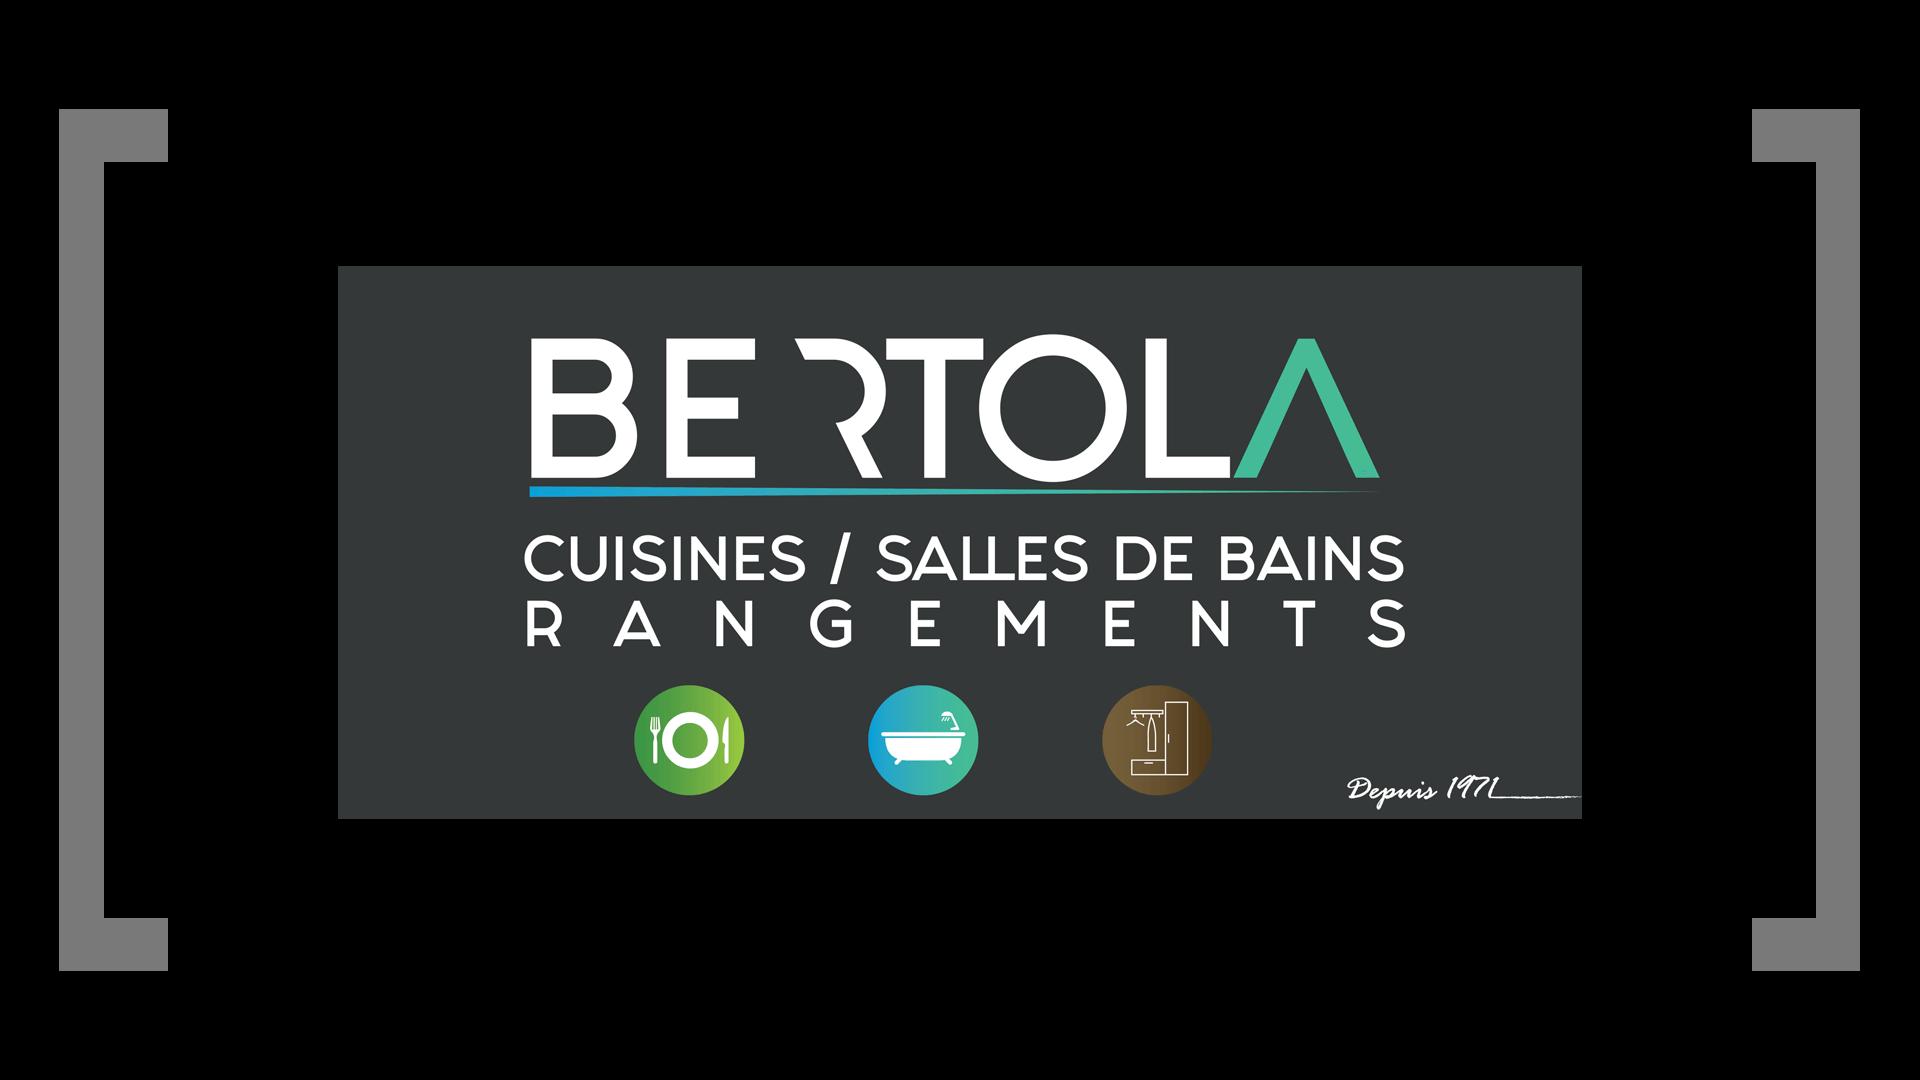 Logo Bertola